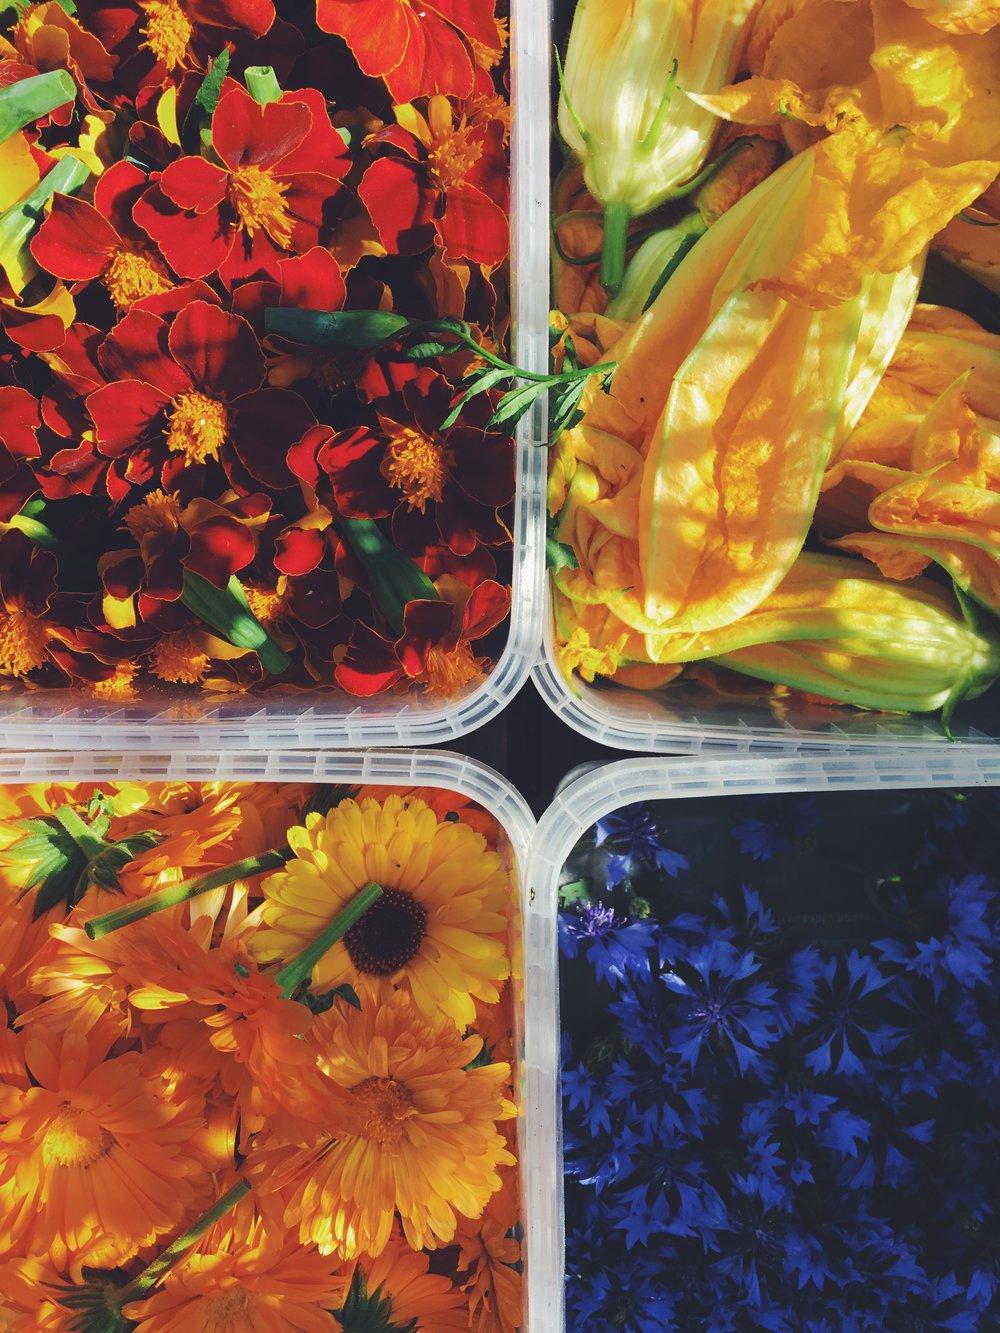 Spiselige blomster - Læs om deres pryd og nytte